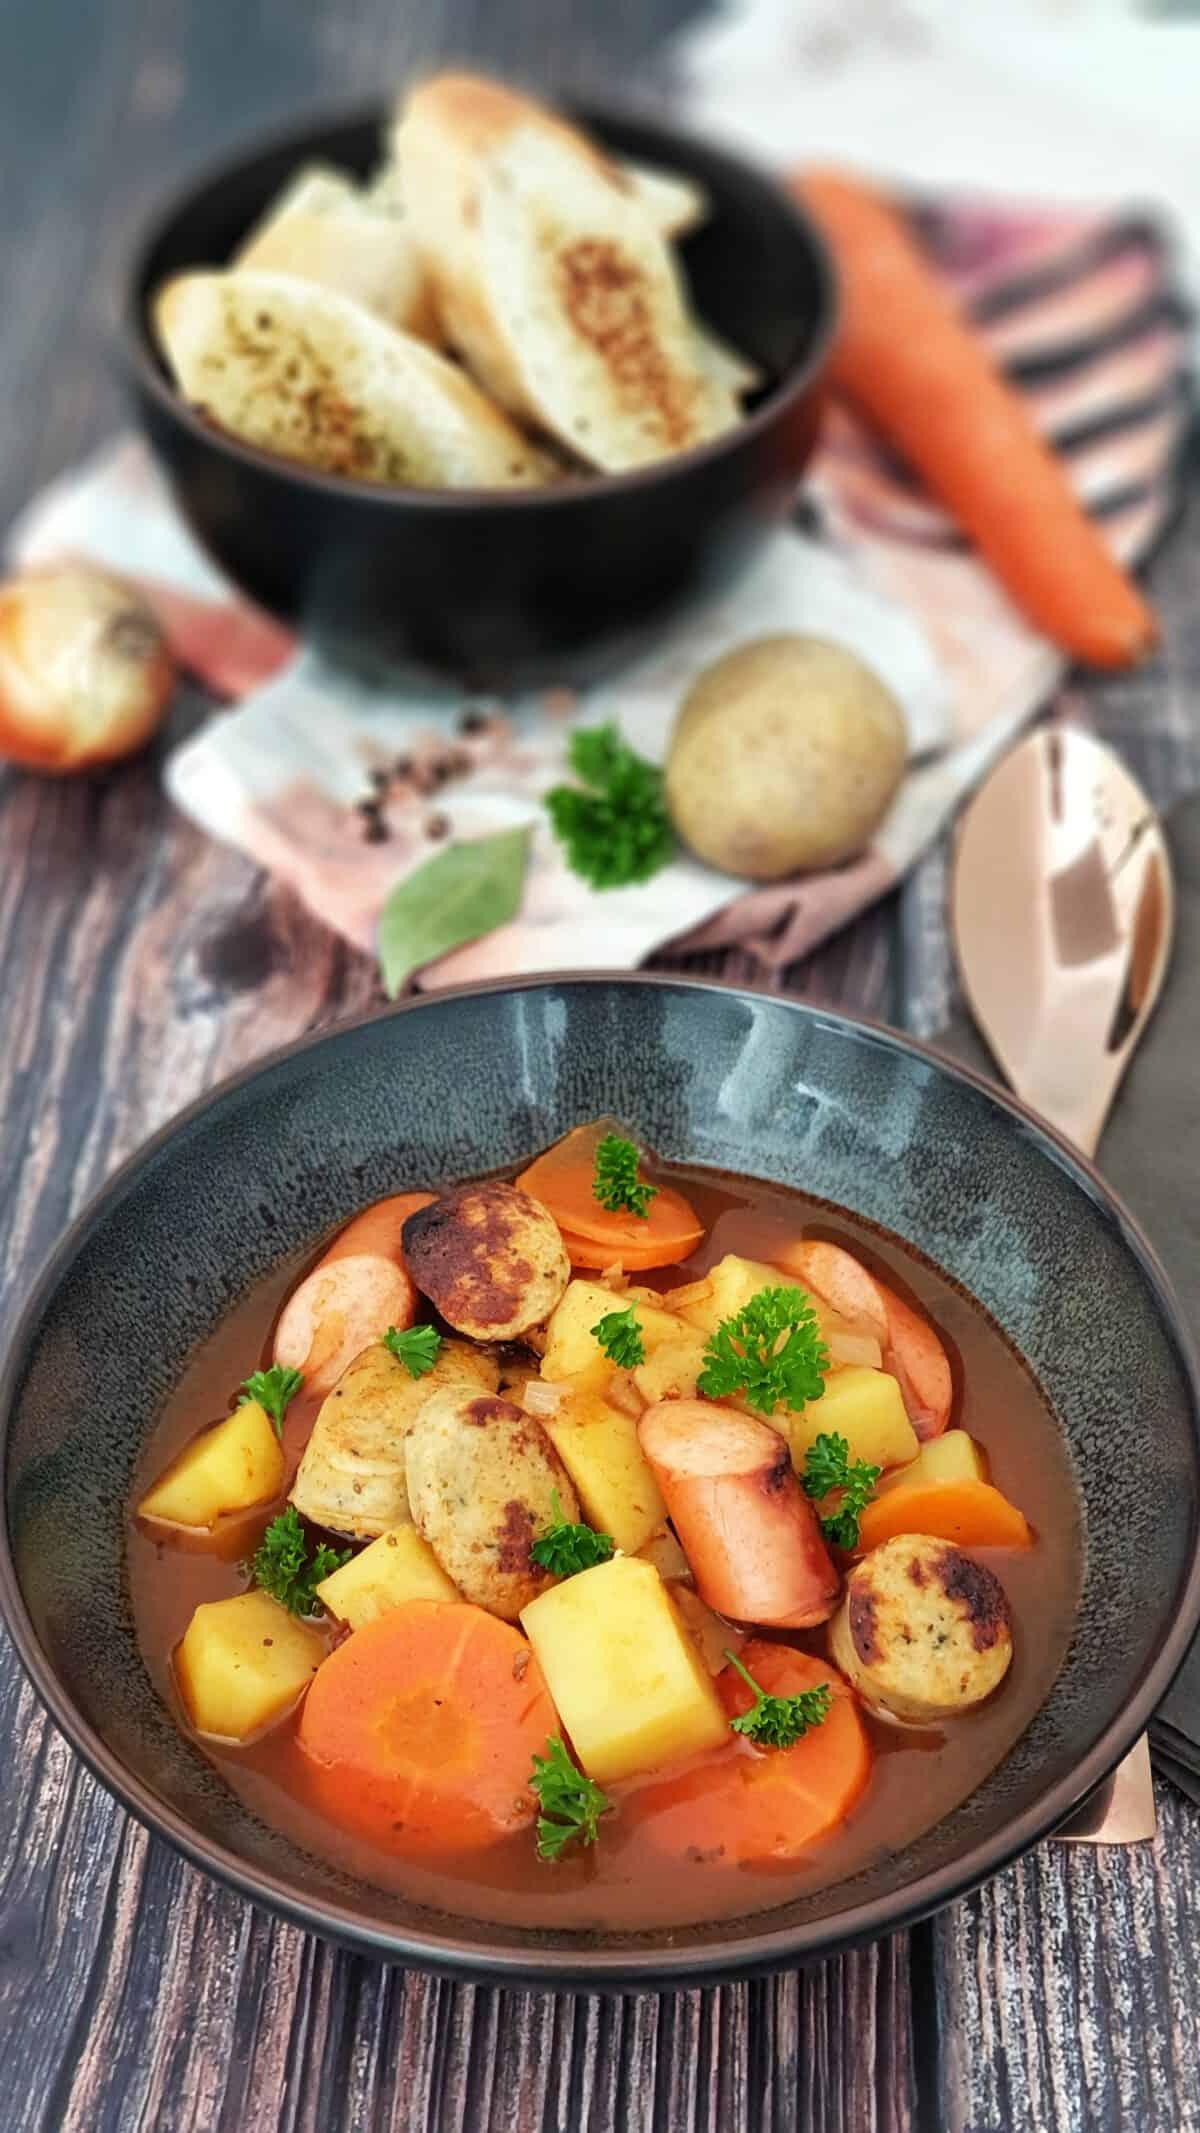 In einer braunen Schale eine Gulasch-Suppe mit Würstchen. Im Hintergrund Deko.